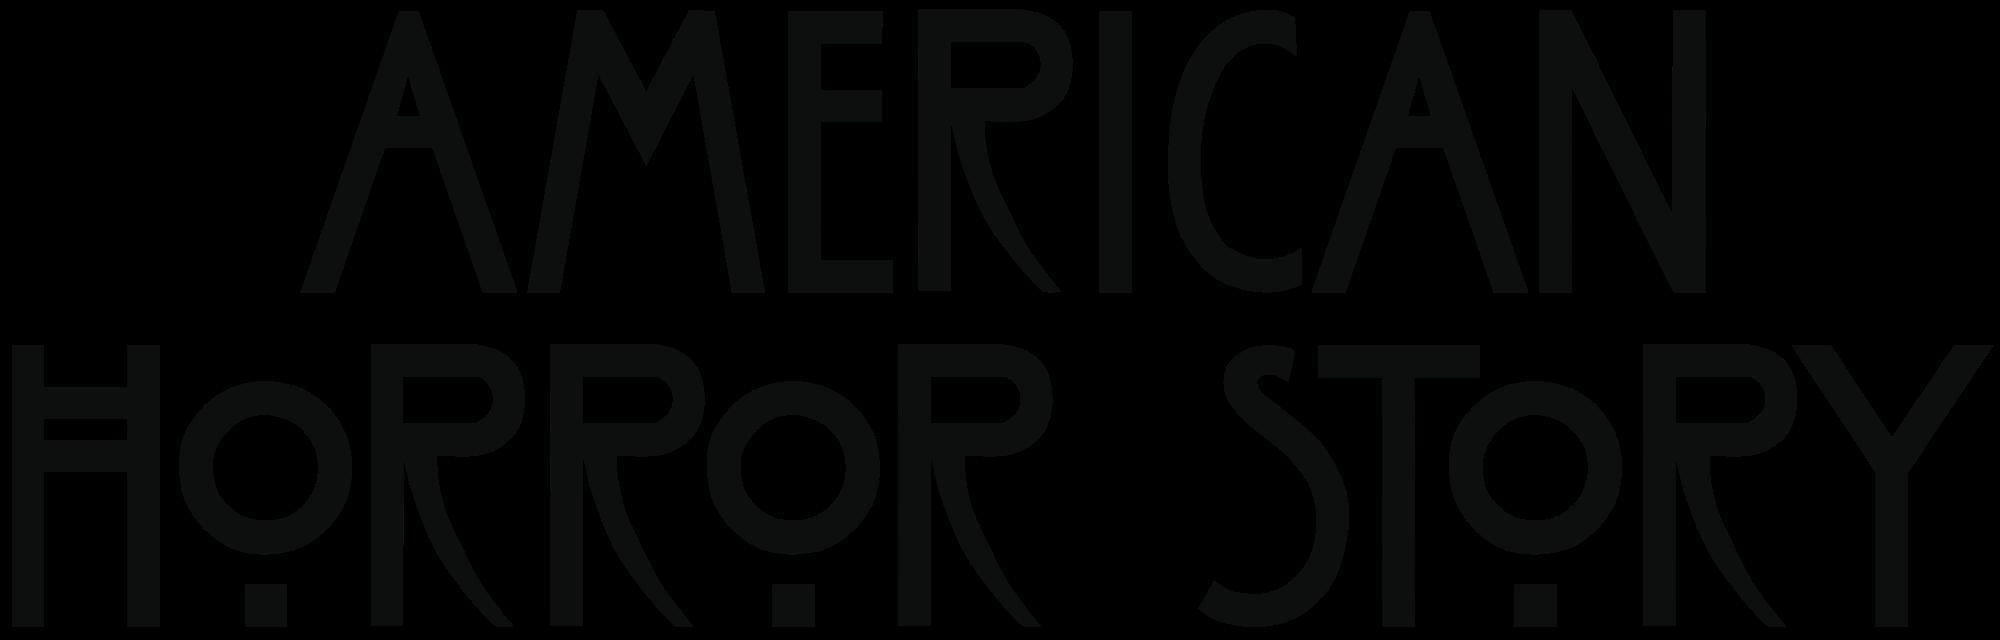 Conoce El Tema De La Nueva Temporada De American Horror Story Americanhor American Horror Story American Horror Story Characters American Horror Story Seasons